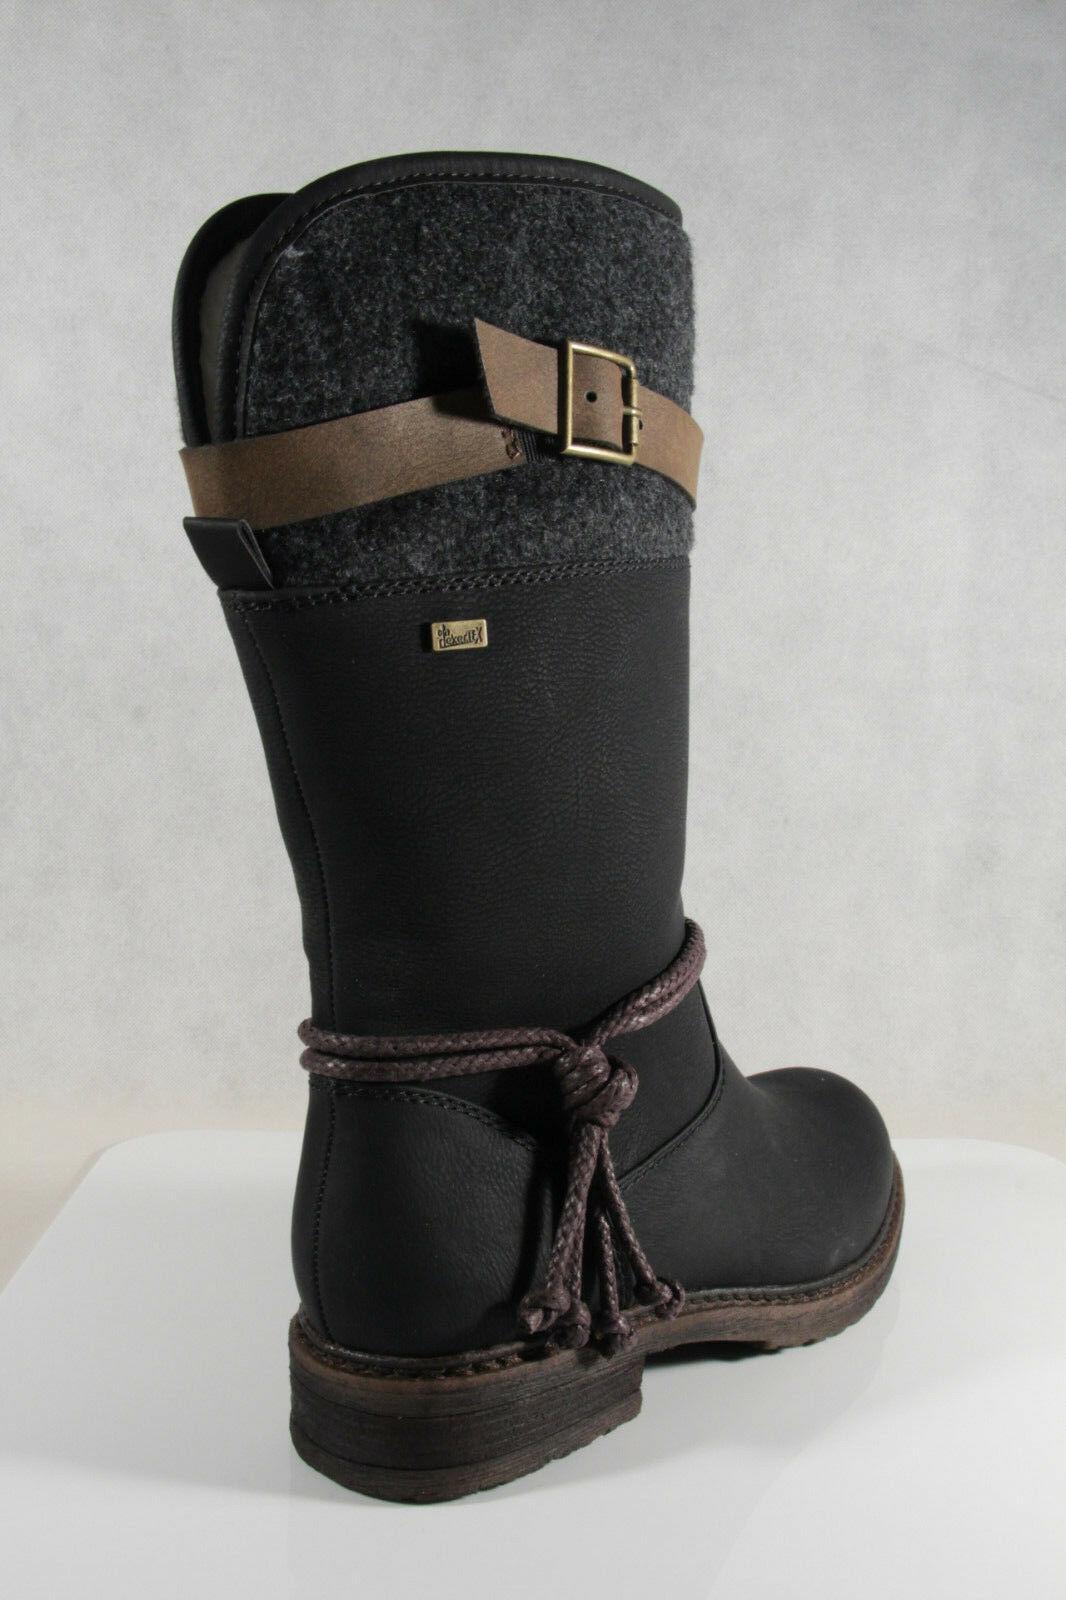 Rieker Tex Damen Stiefel Stiefeletten schwarz warm gefüttert 94778 NEU